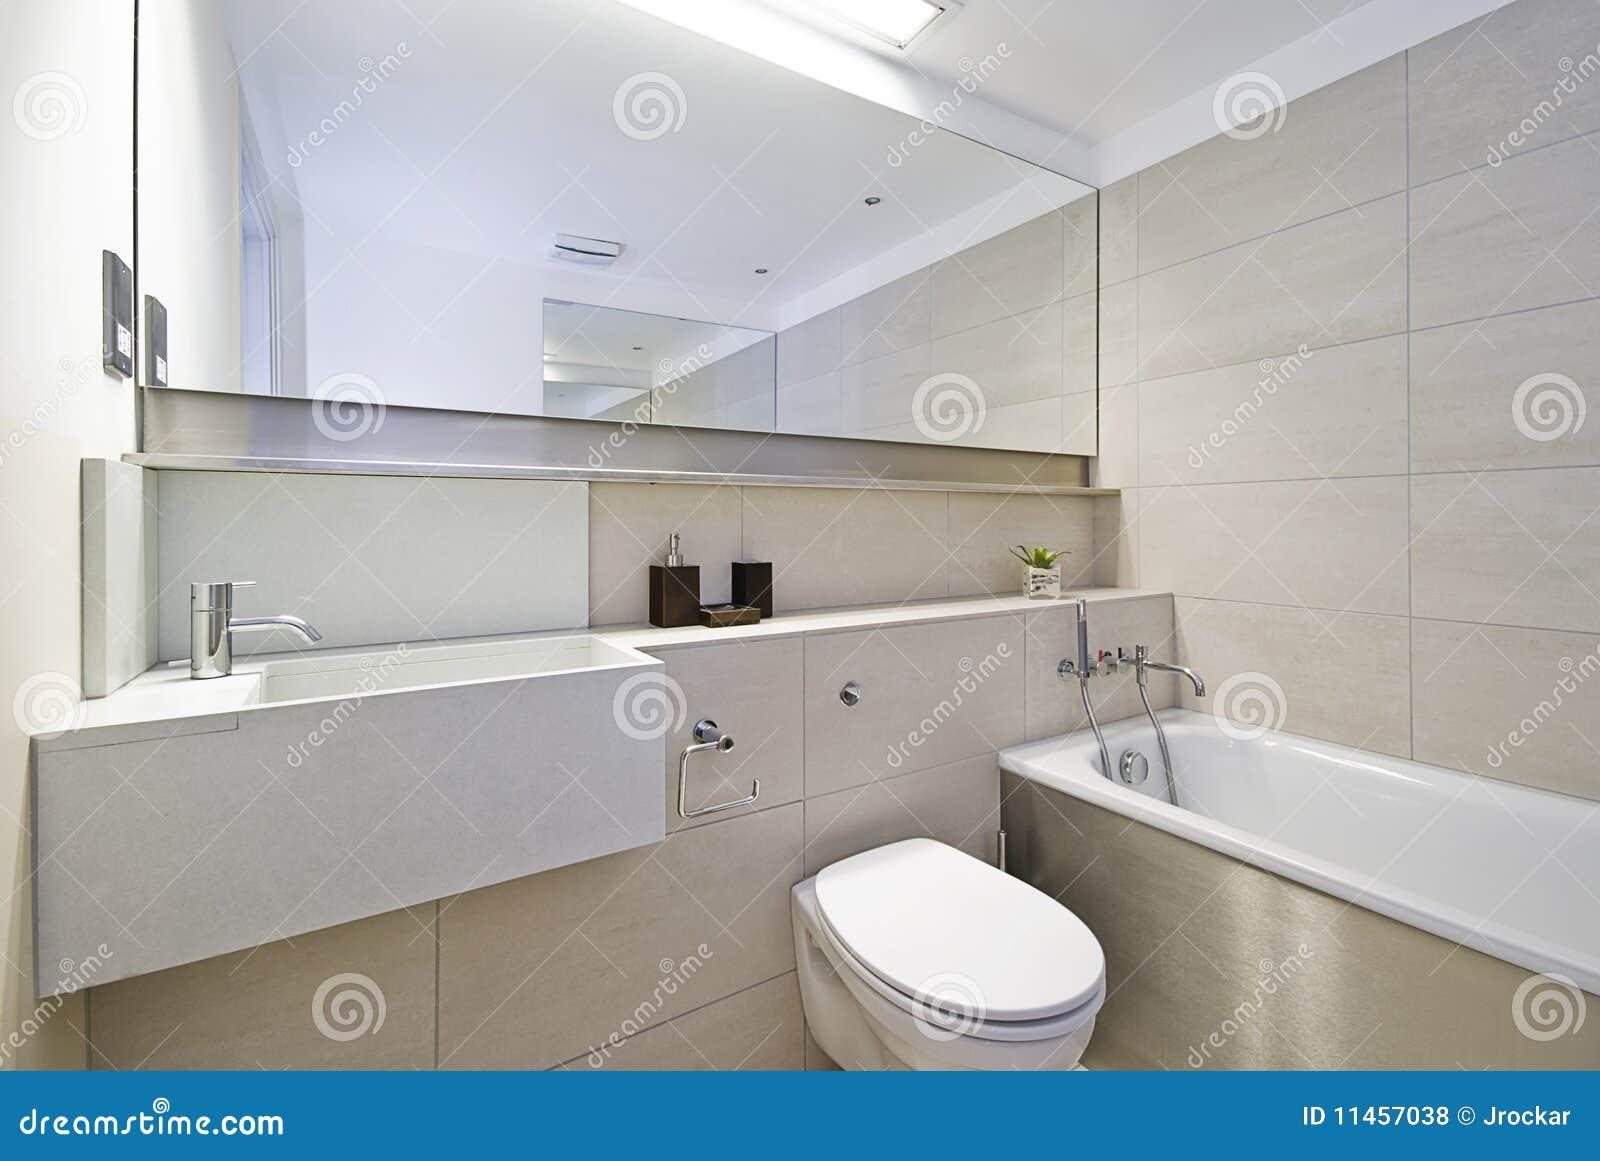 Banheiro Com Canto Do Chuveiro Fotos de Stock Royalty Free  Imagem 11457038 -> Banheiros Modernos Chuveiro